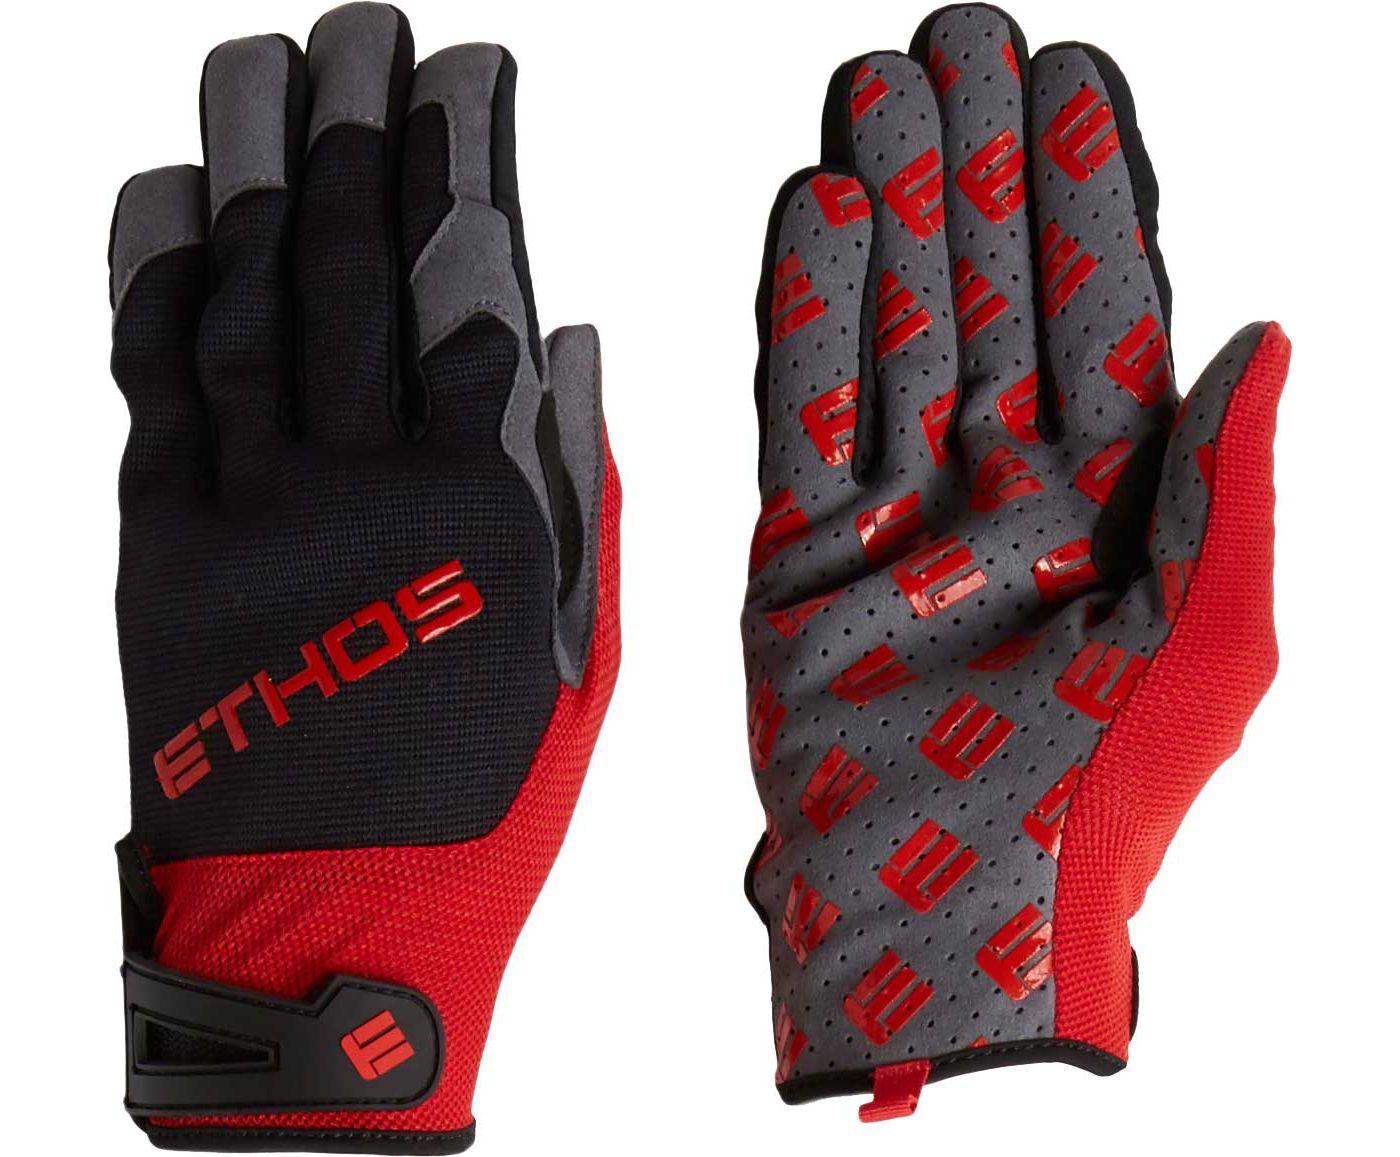 ETHOS Full Finger Training Gloves